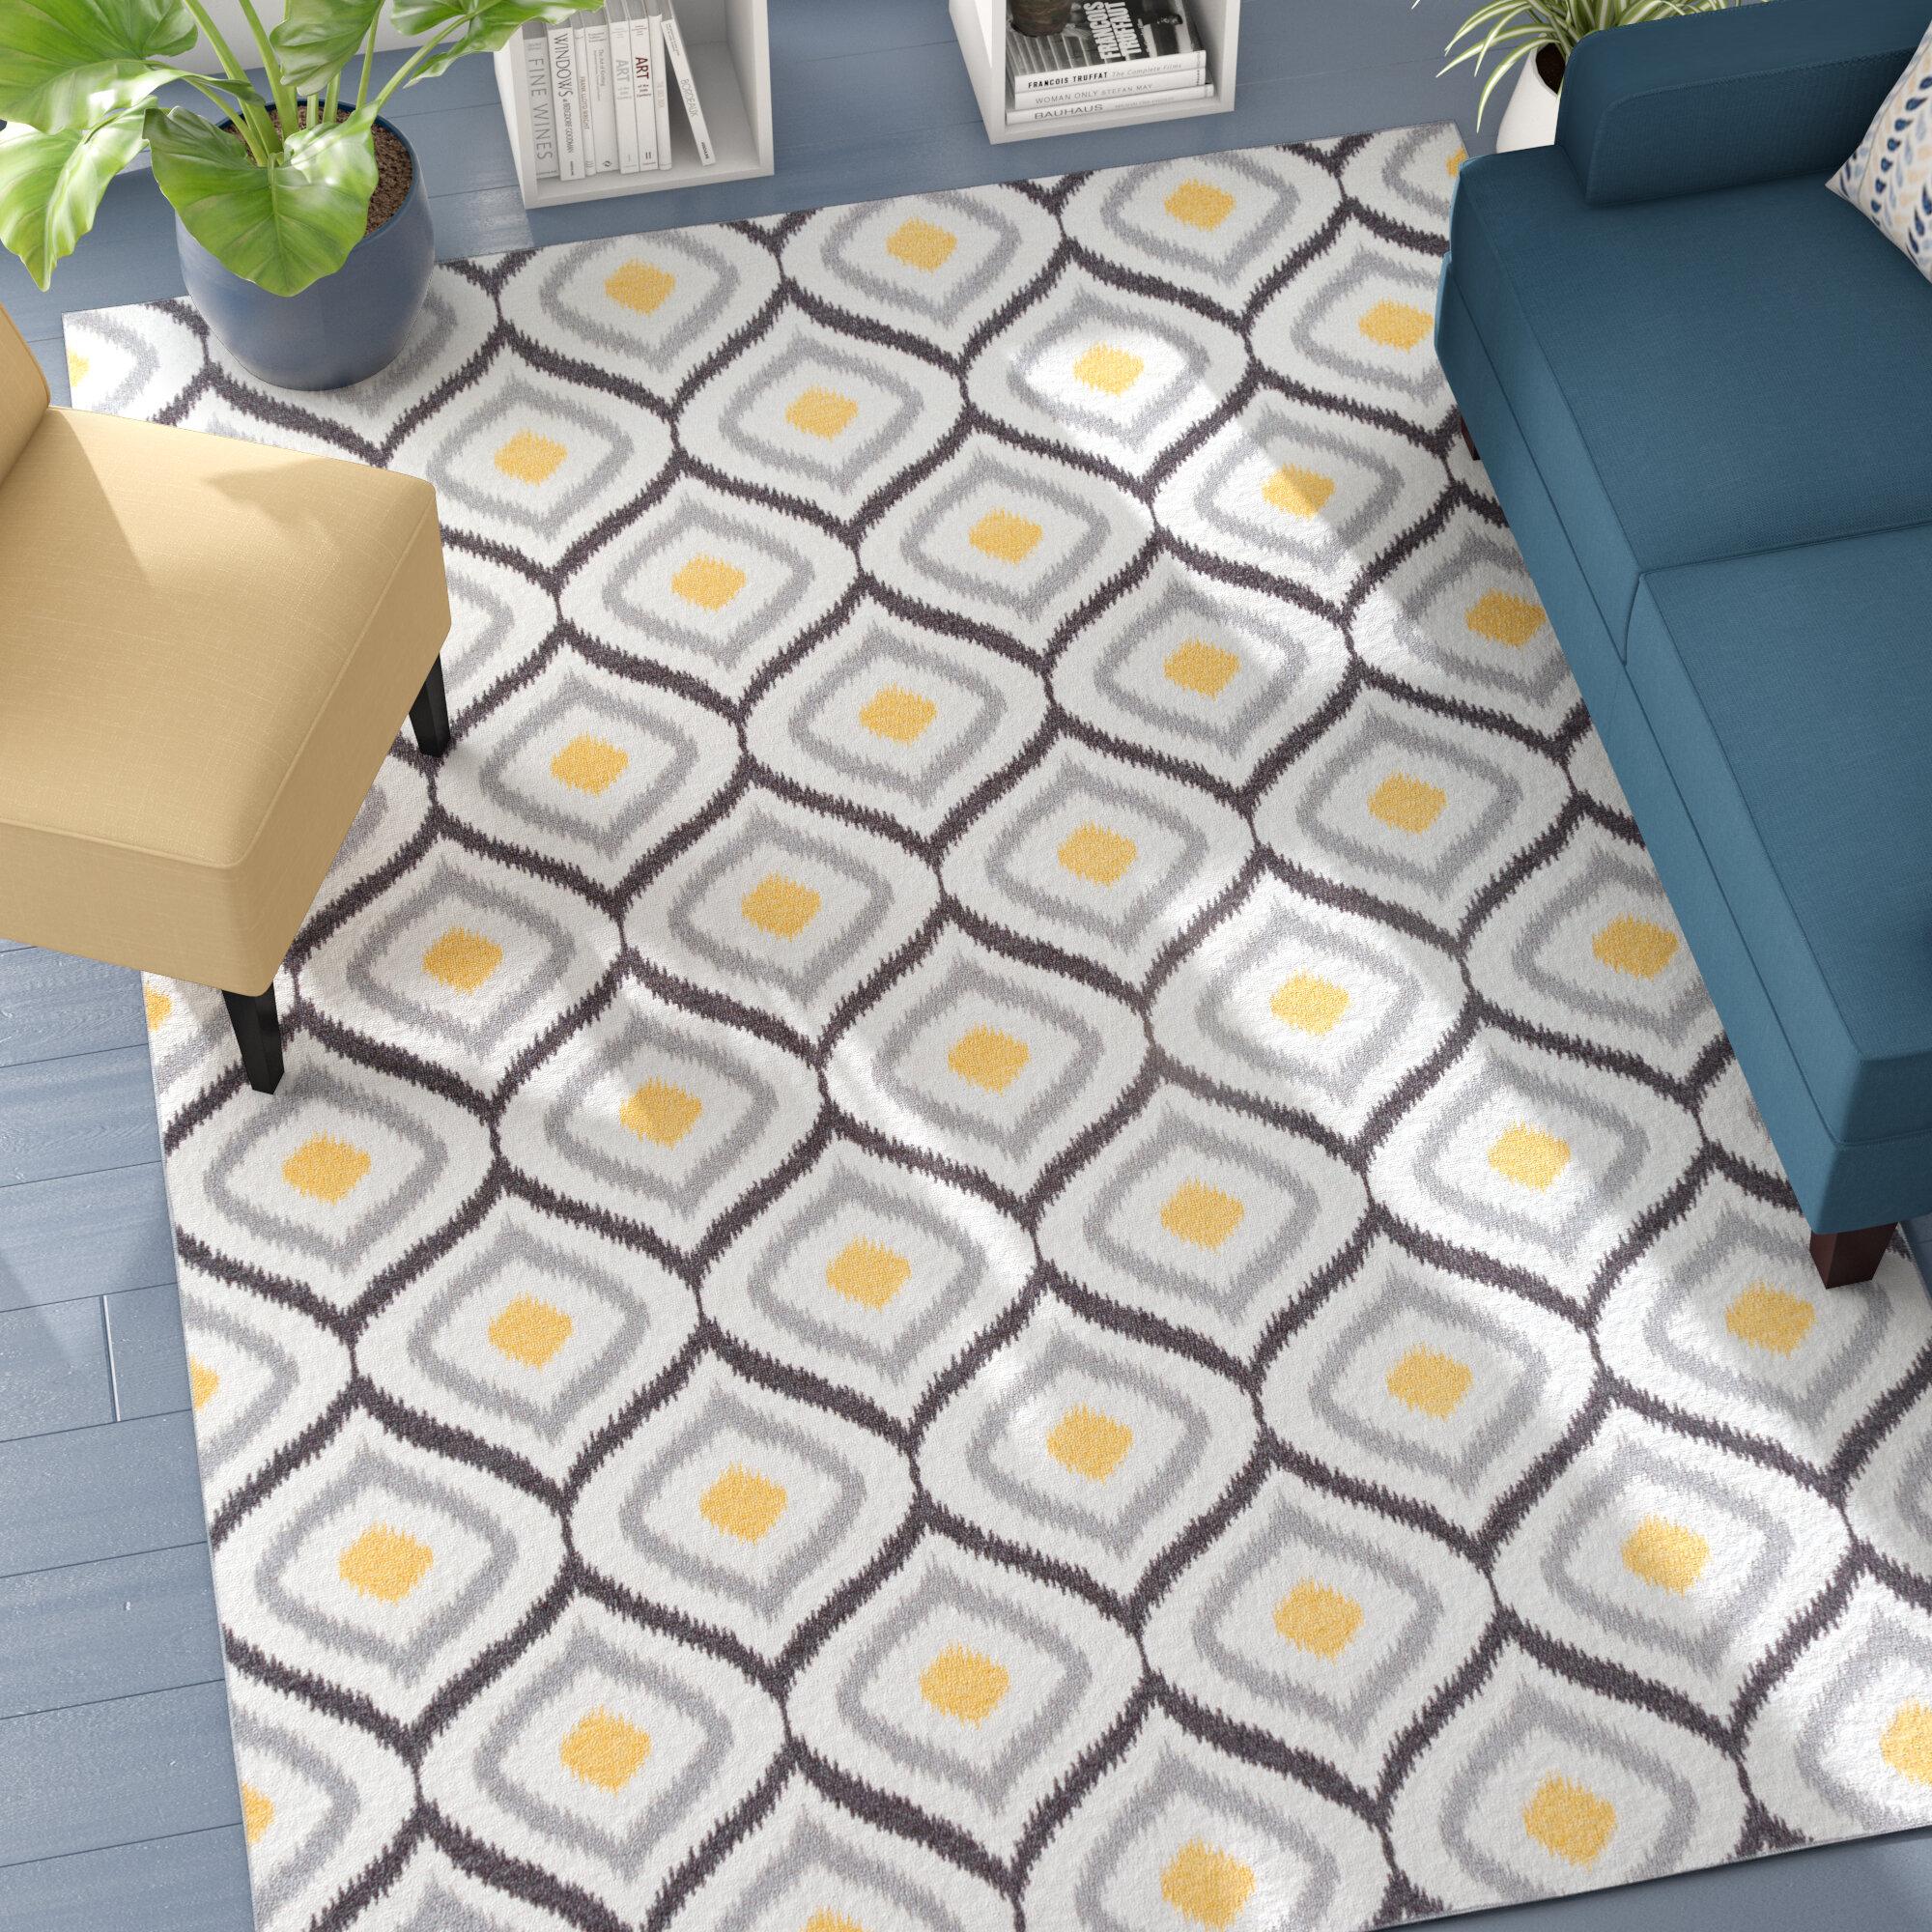 rectangular rugs zm aqua grey rug area surya yellow product mustard dark pepin and red